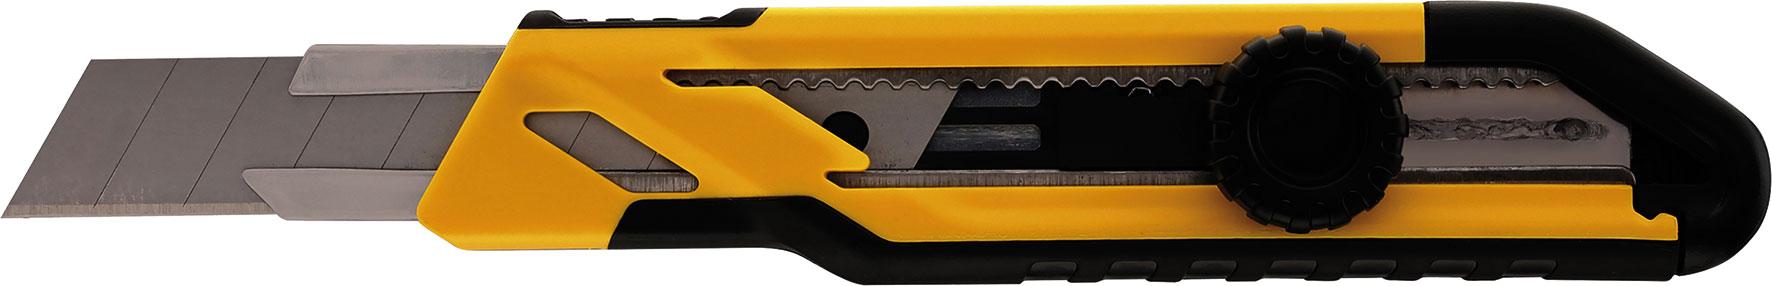 cutter messer stanley l nge 160 mm klingenbreite 18 mm wocken industriepartner gmbh co kg. Black Bedroom Furniture Sets. Home Design Ideas